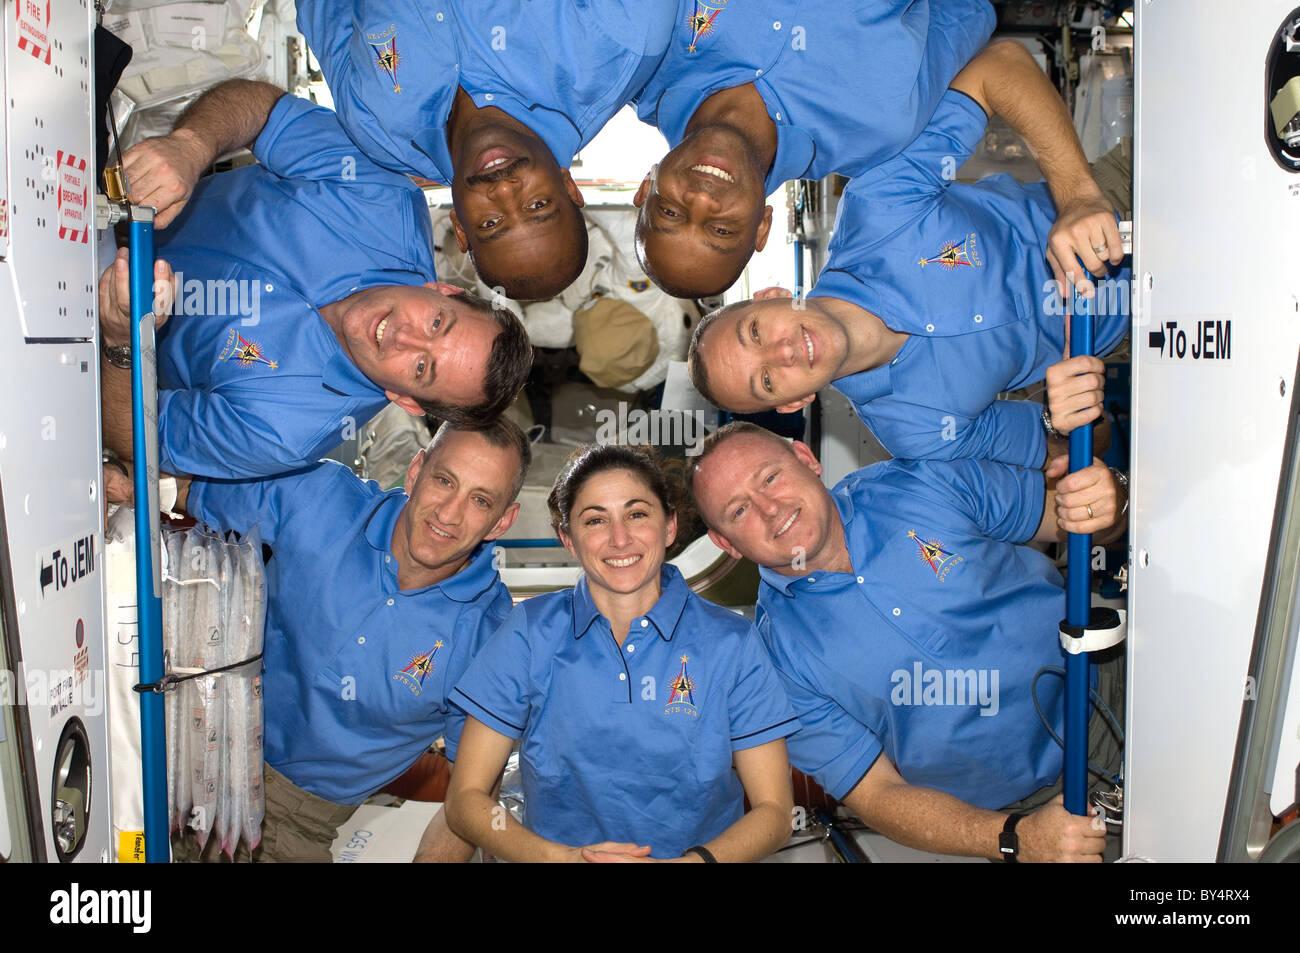 Les astronautes de la mission STS 129 posent pour la photo dans la Station spatiale internationale arrimée Photo Stock